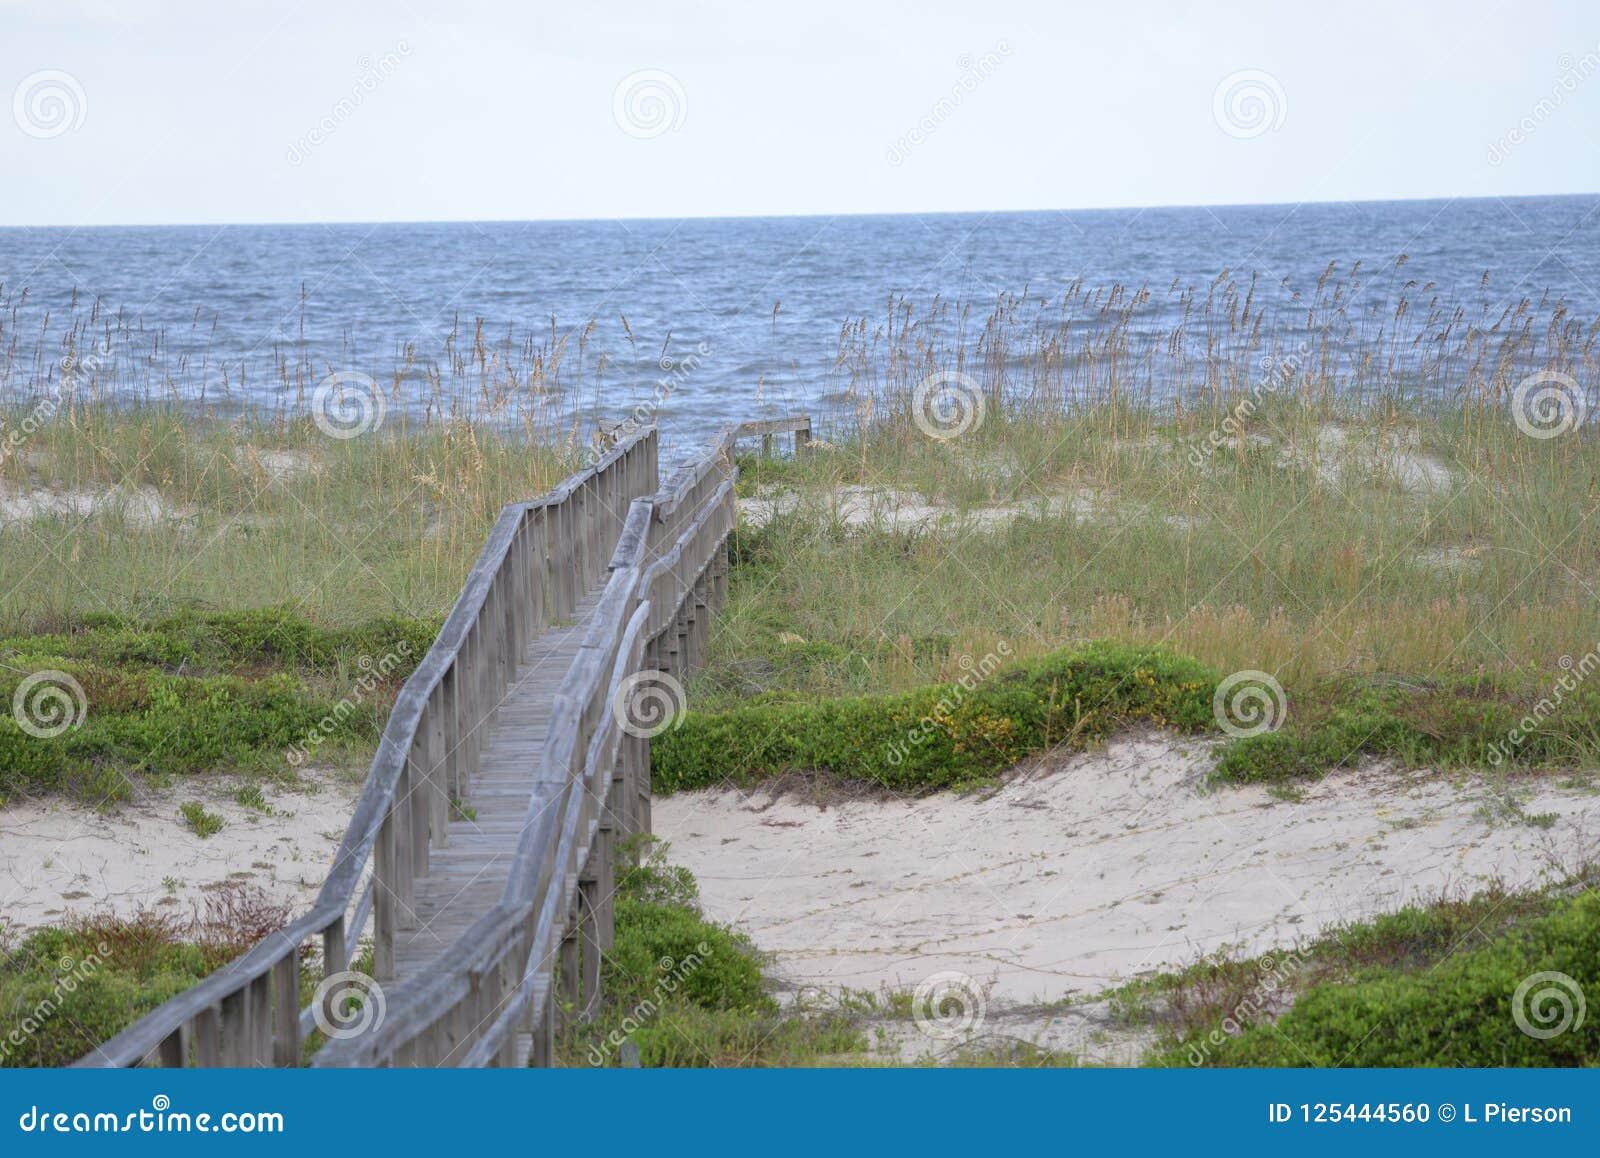 O trajeto através da duna arenosa é facilitado muito com um passeio à beira mar longo